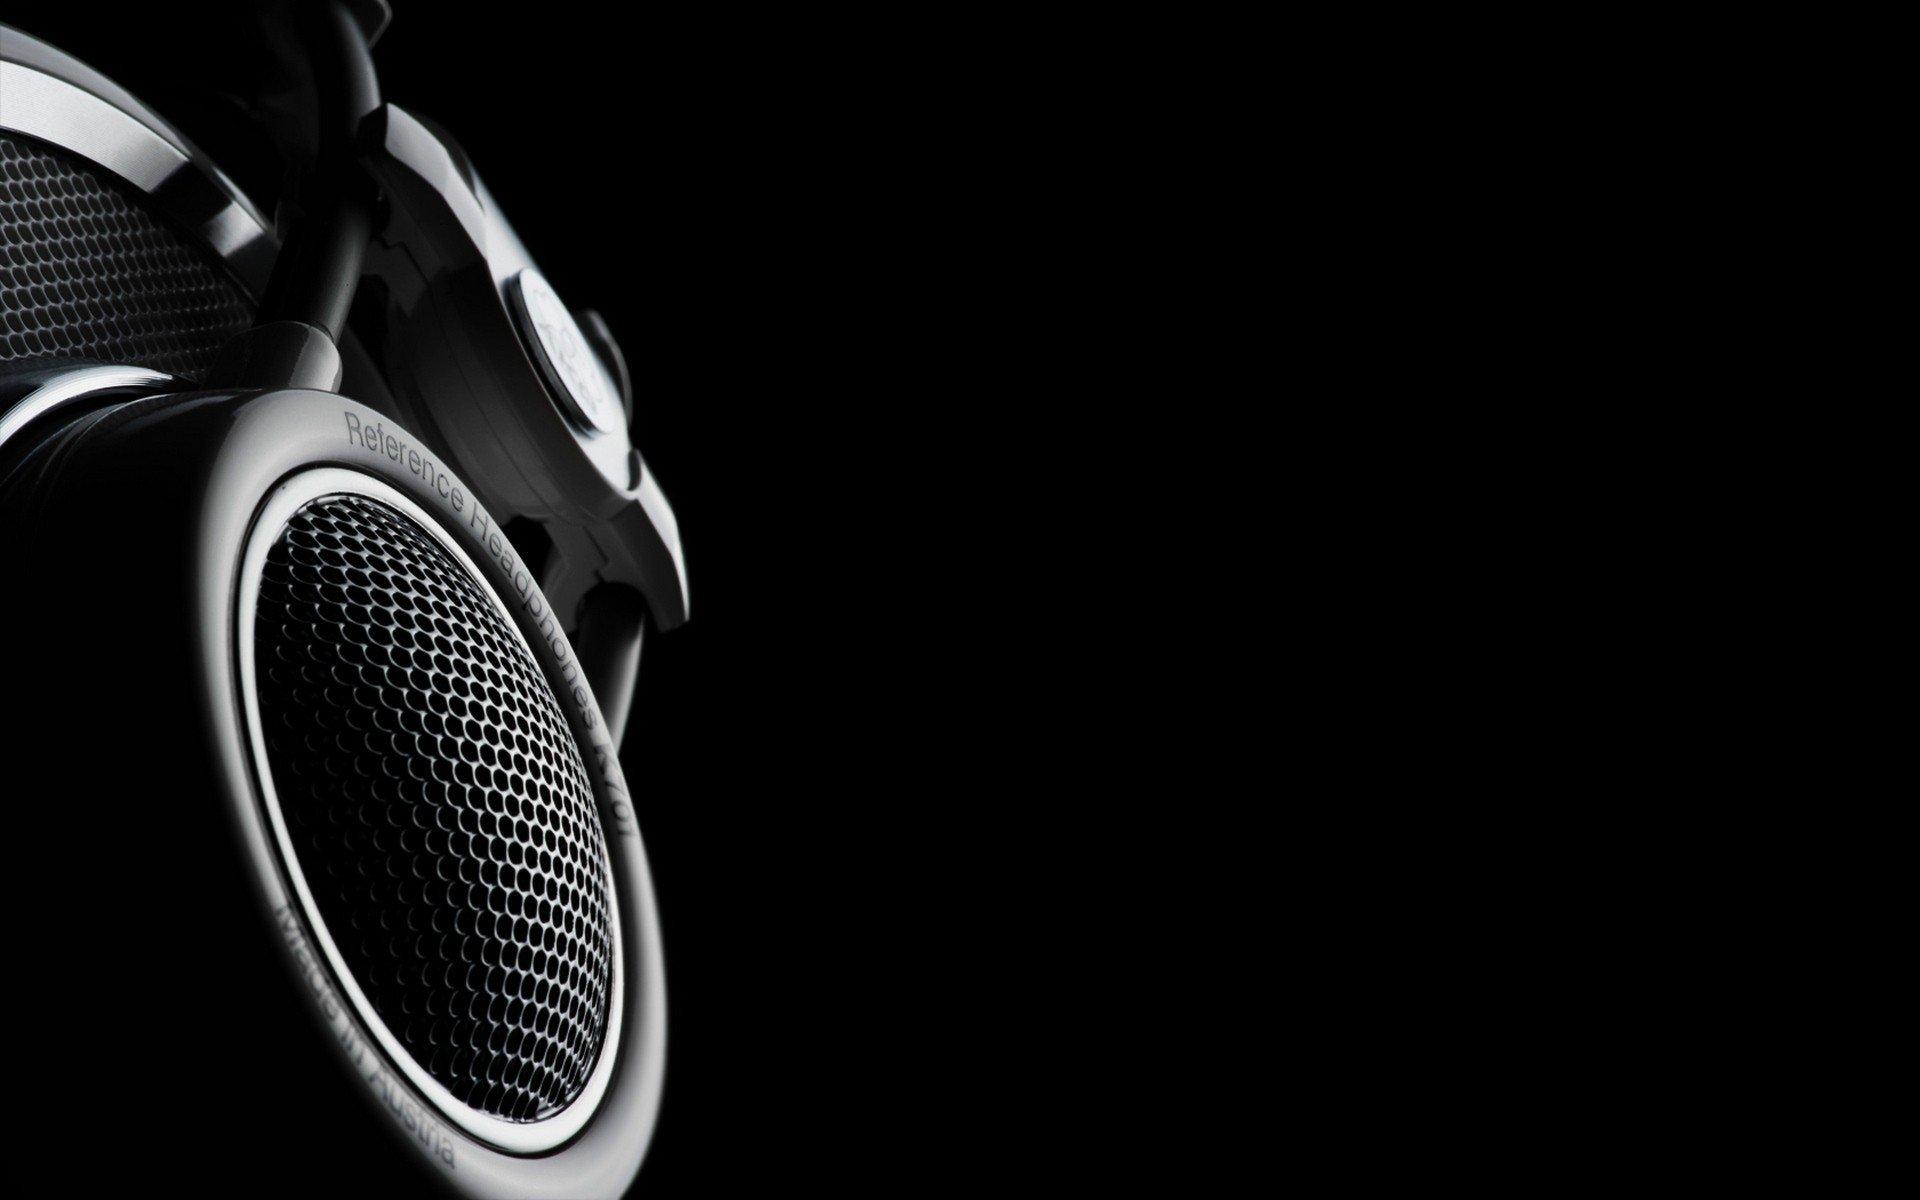 Bose Speaker For Car >> Backgrounds For Music - WallpaperSafari